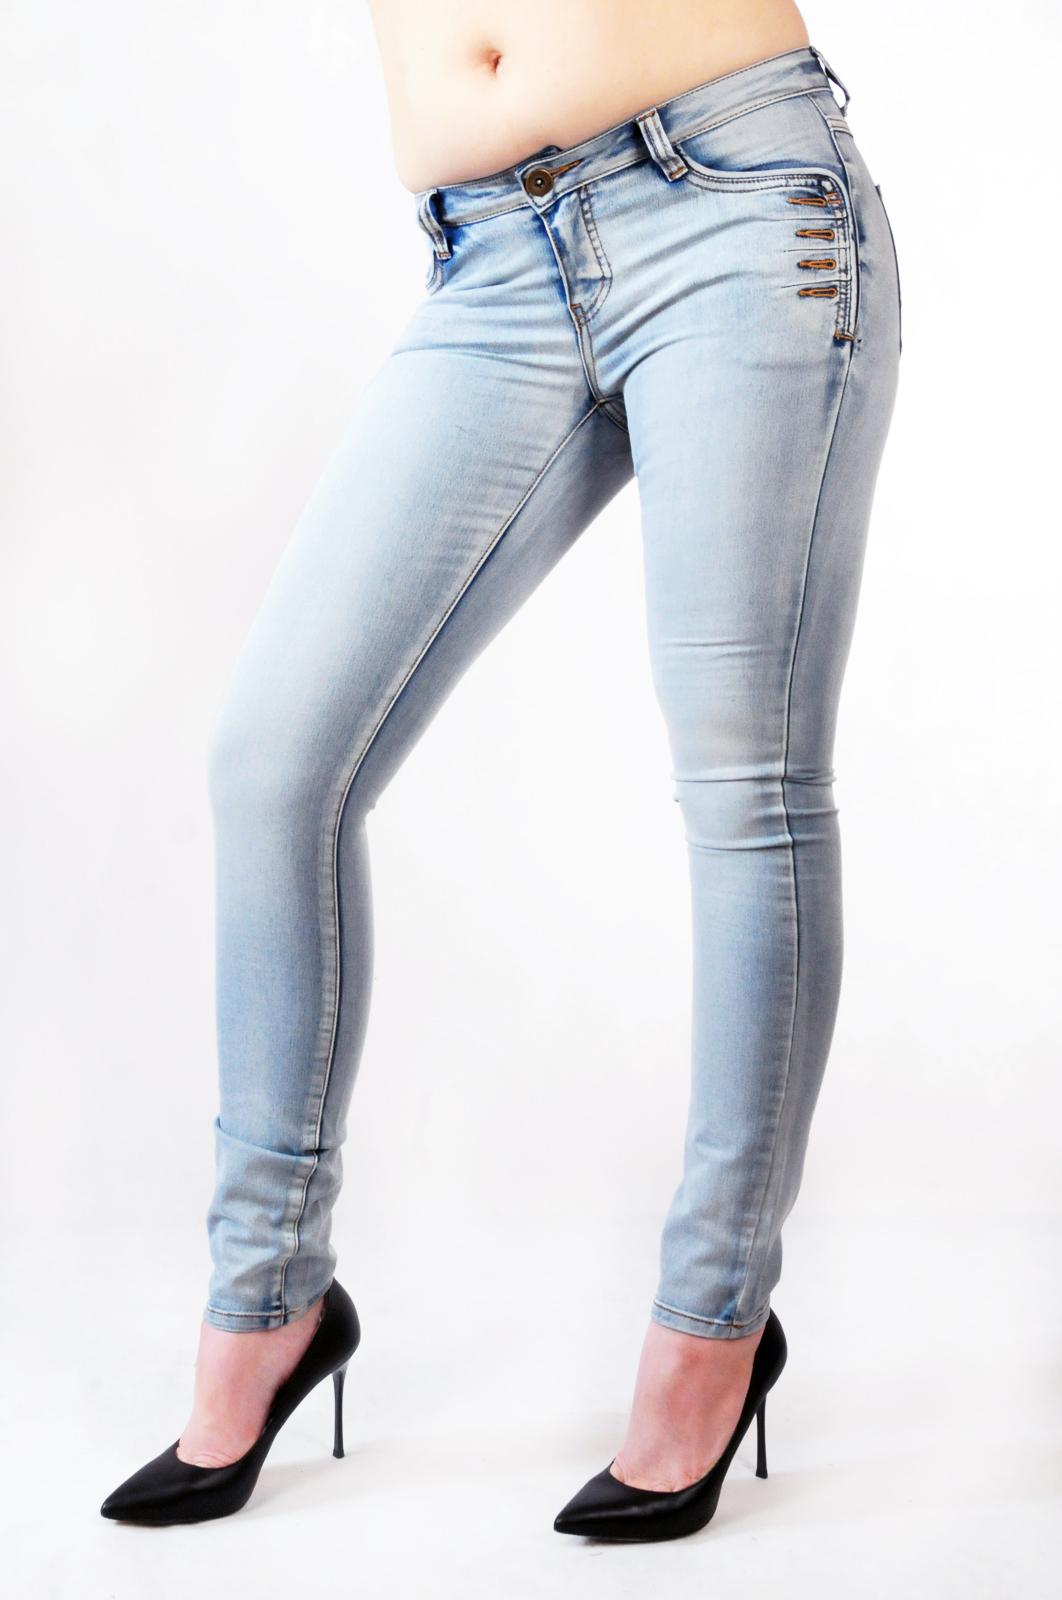 Джинсы со стильными карманами от дизайнеров Melrose®